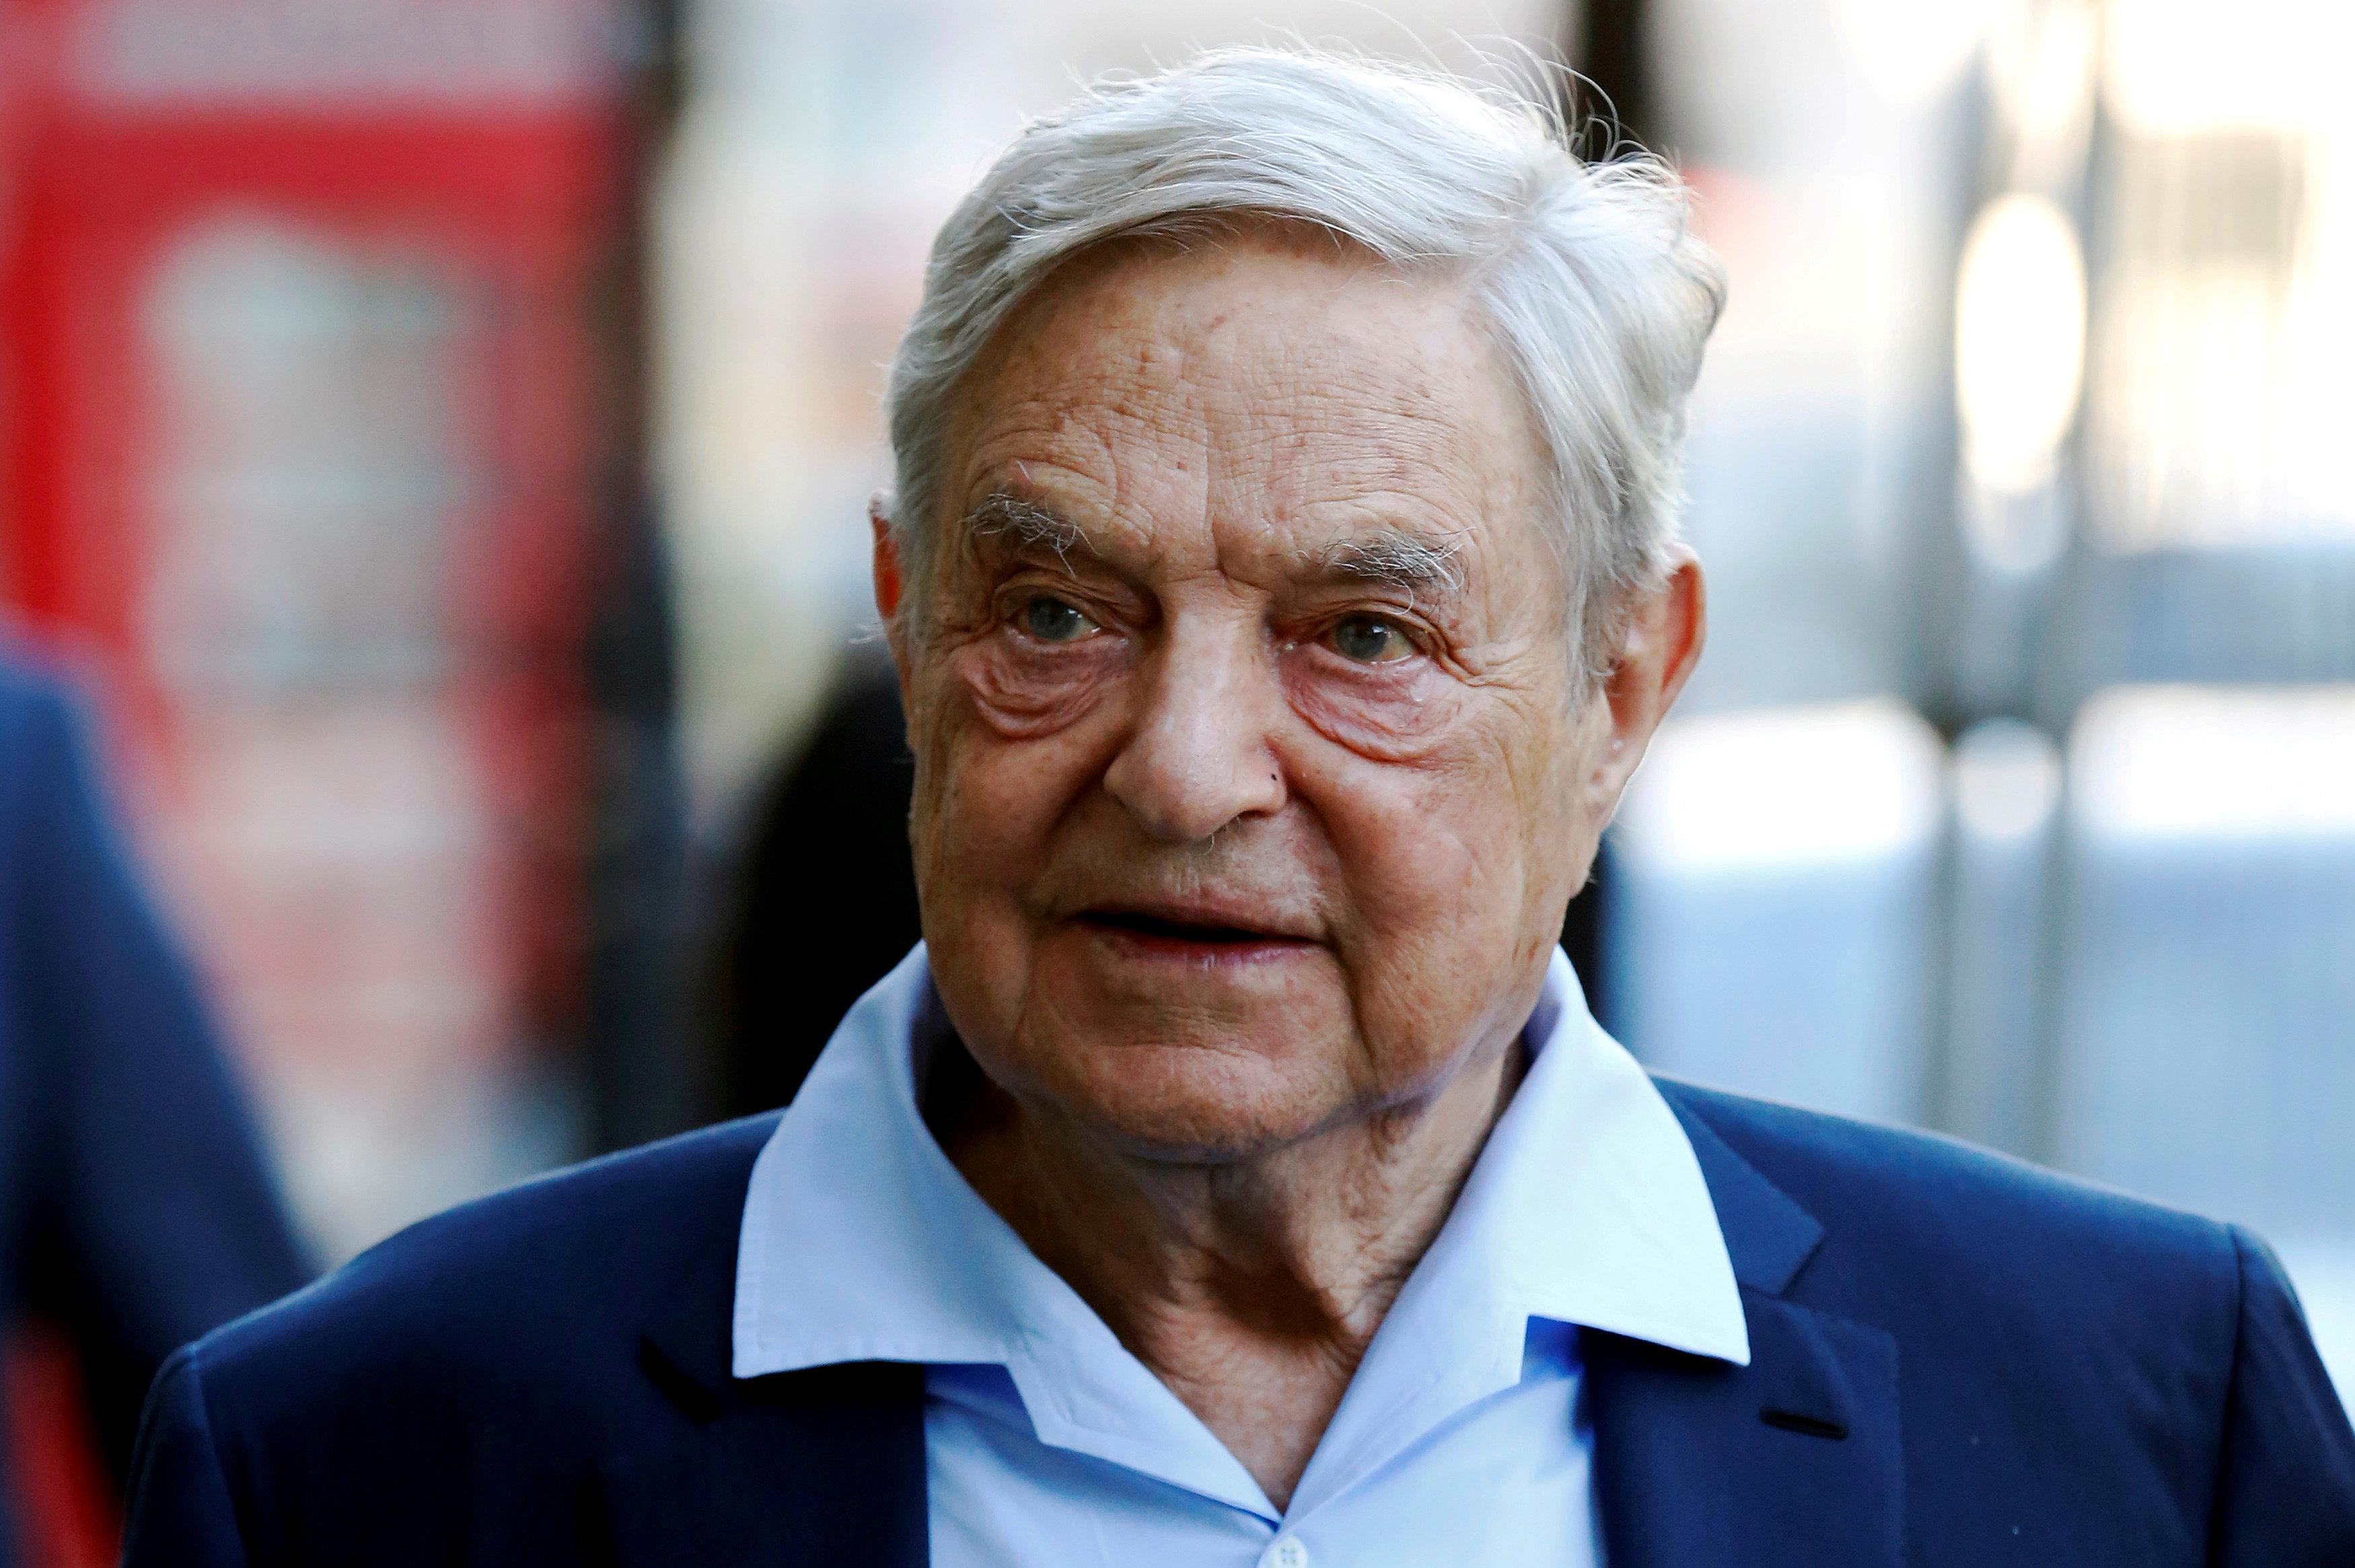 El especulador financiero George Soros arriba a Londres para intervenir en el Club Rusia Abierta (Open Russia Club), 20 de junio de 2016.